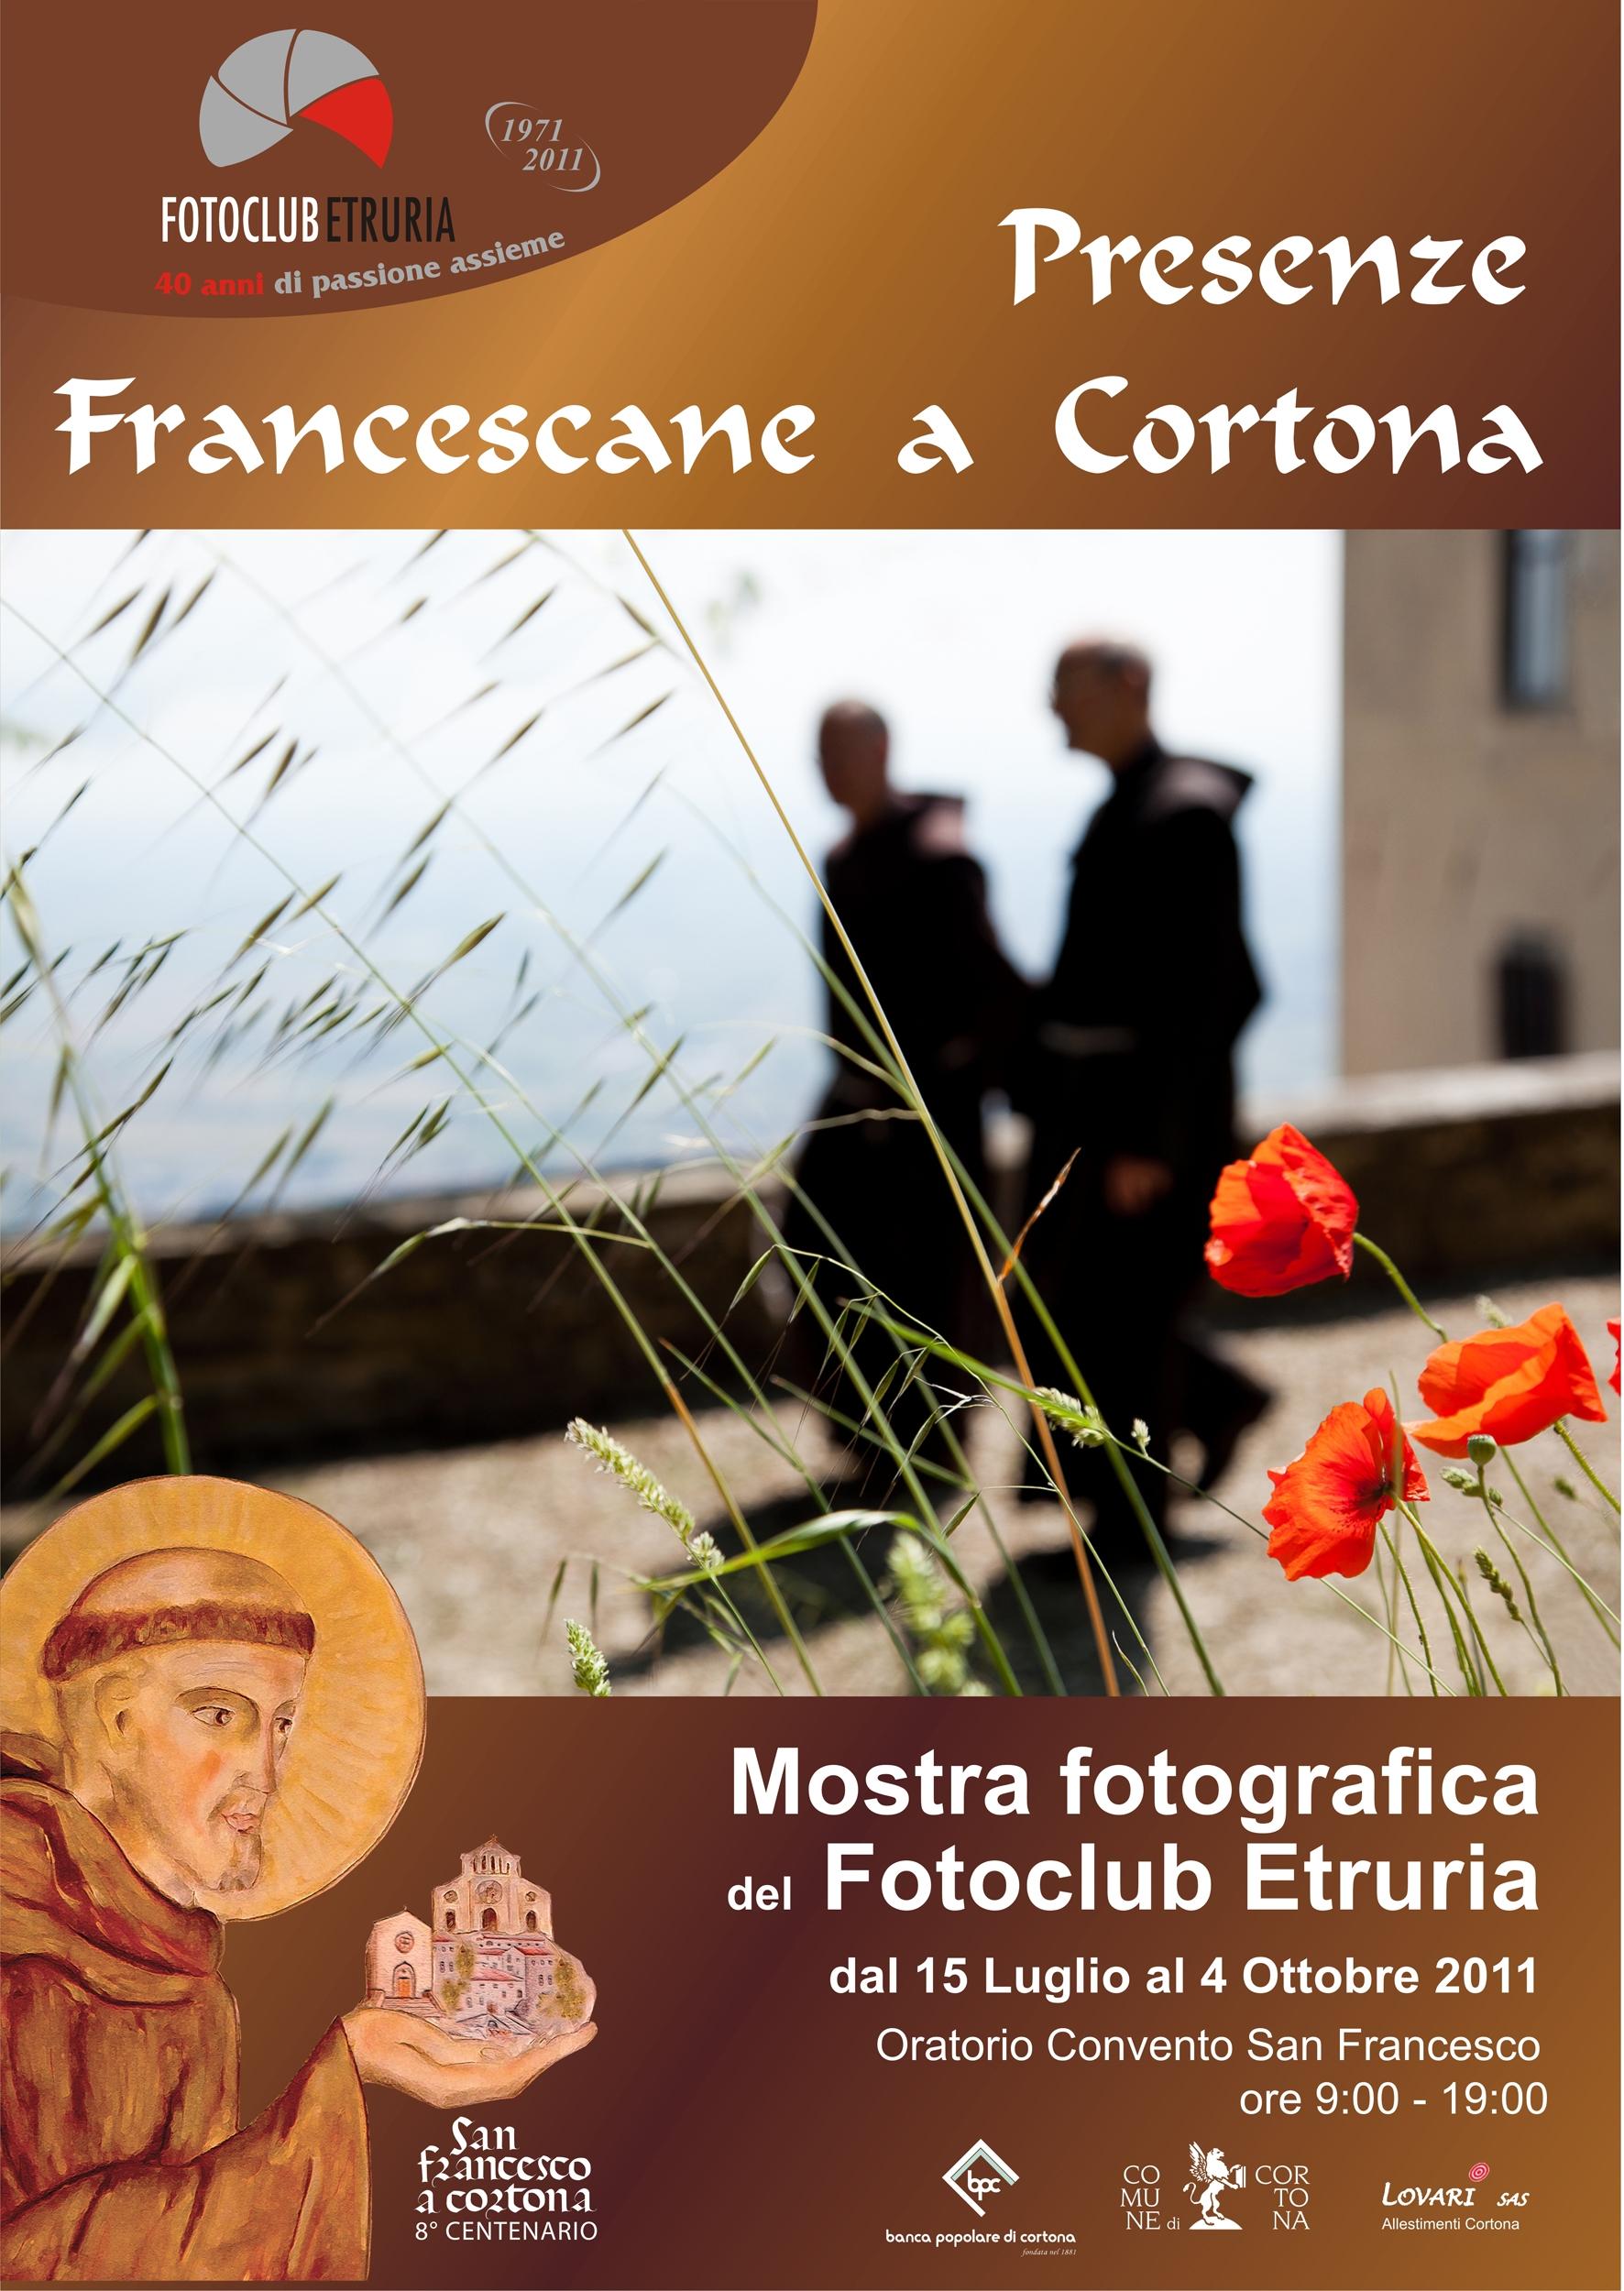 Cortona, il Fotoclub Etruria festeggia i 40 anni con la mostra